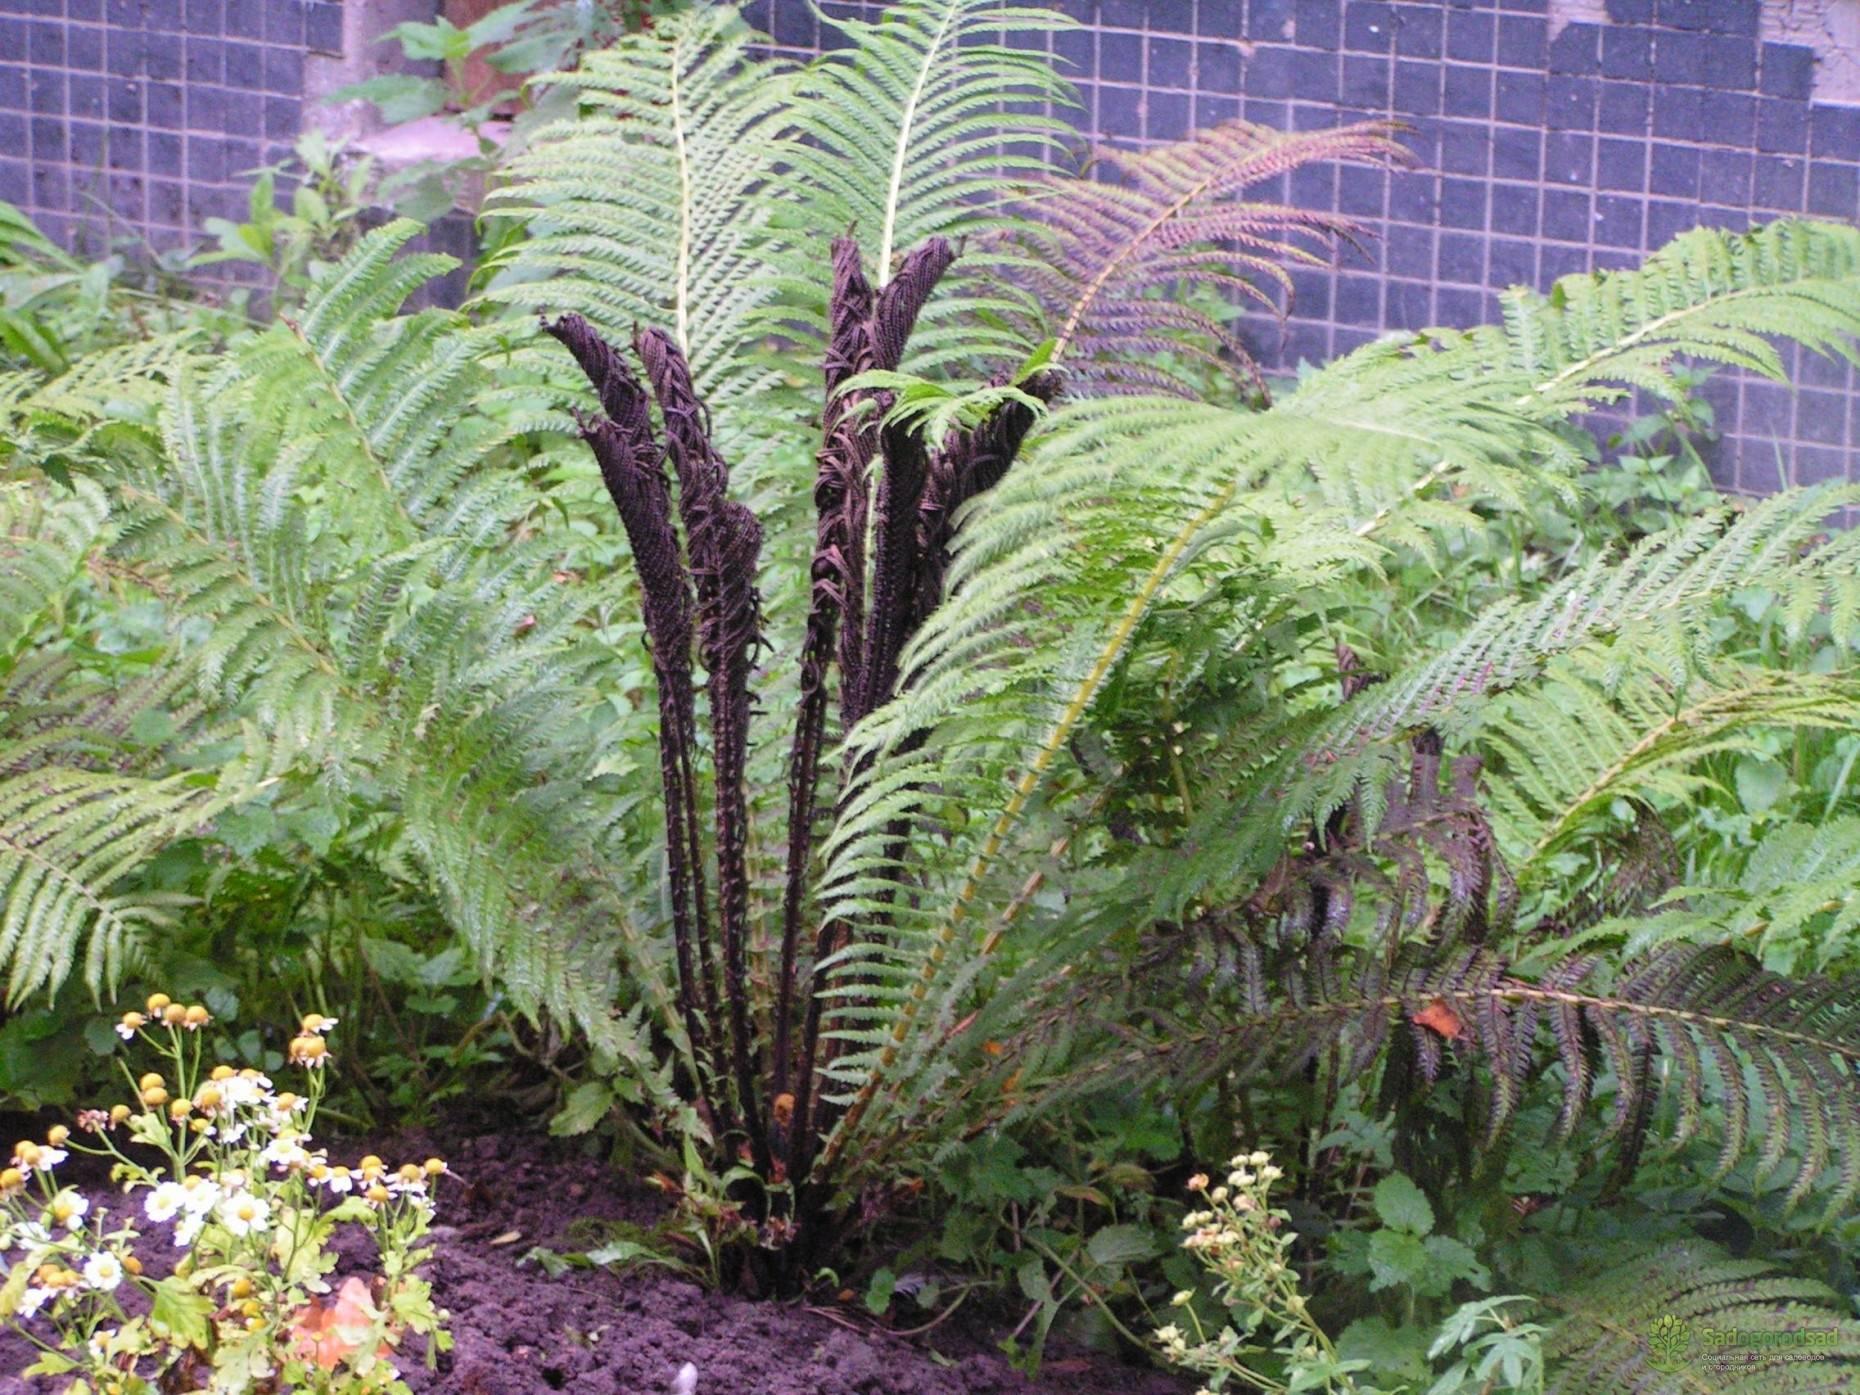 Страусник вида обыкновенный: как вырастить на участке красивый папоротник